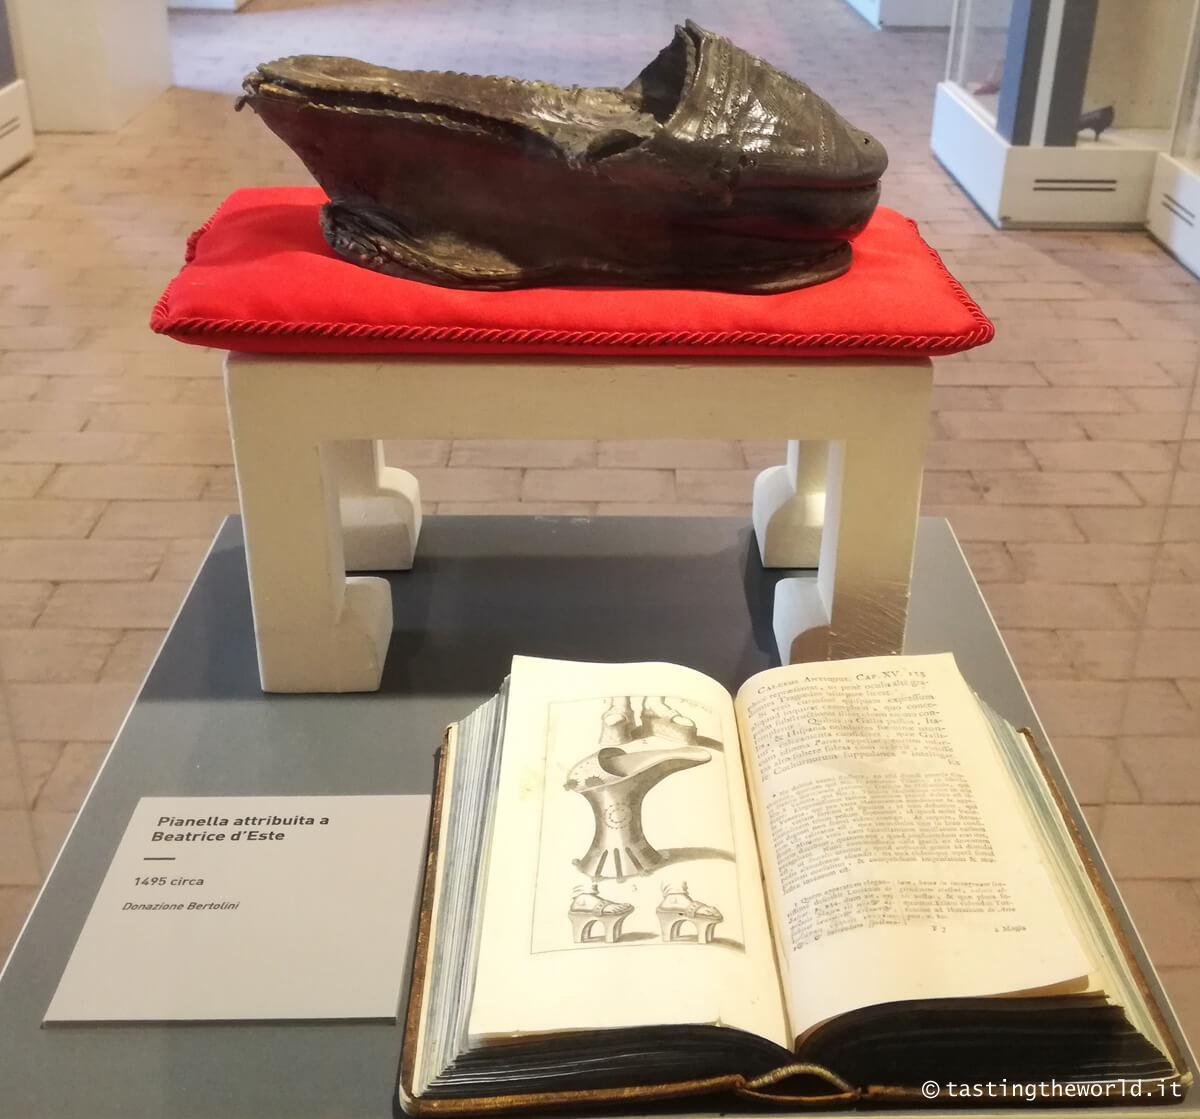 Scarpa di Beatrice d'Este al Museo Internazionale della Calzatura Pietro Bertolini di Vigevano